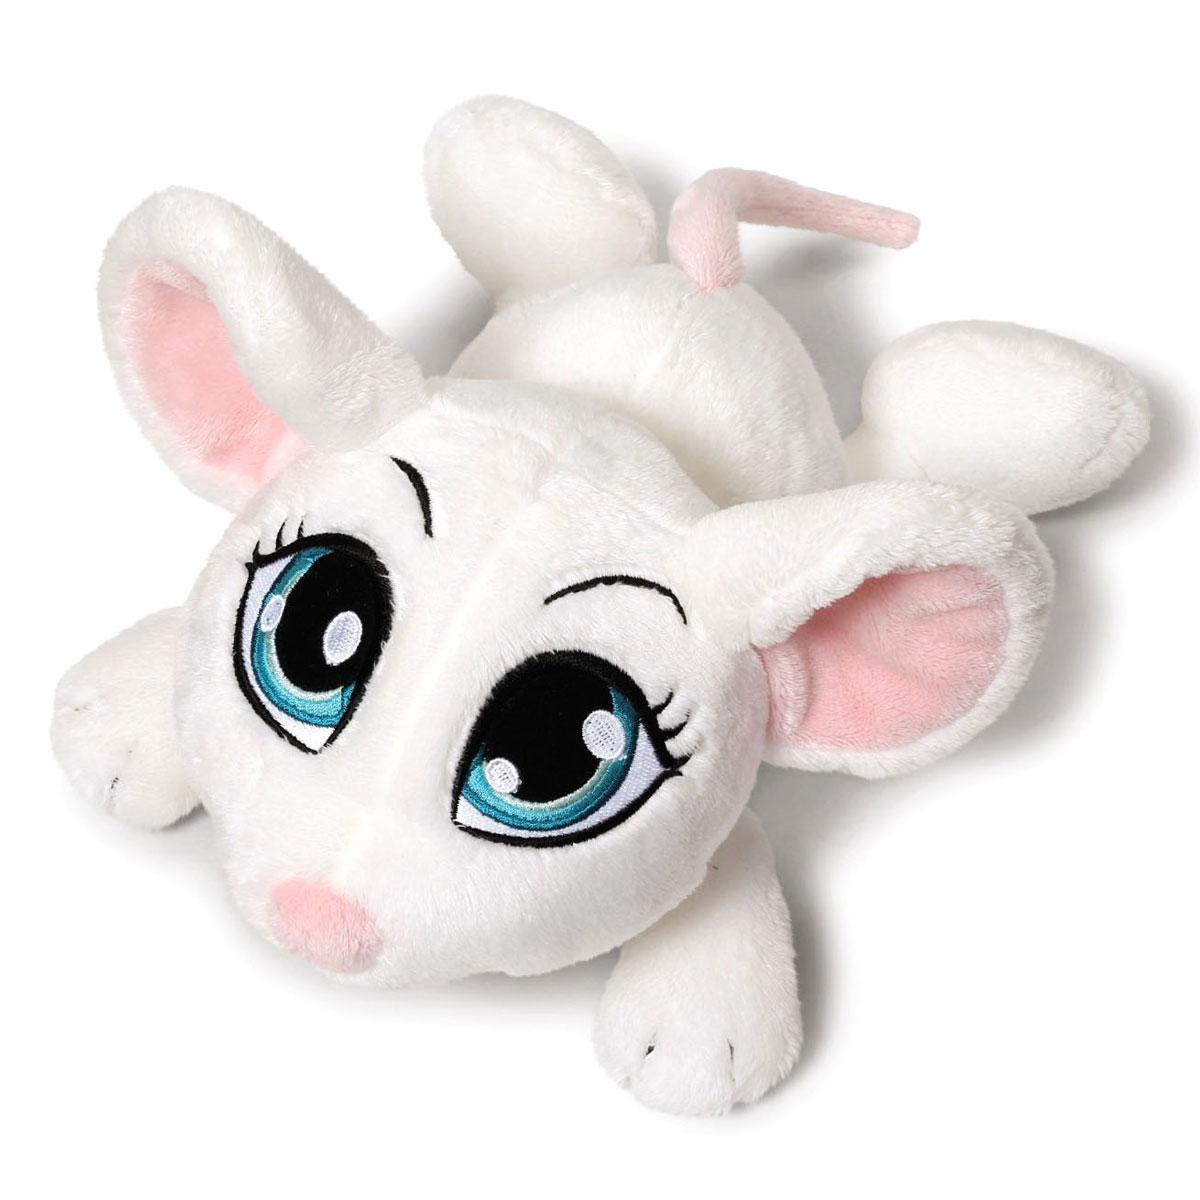 Nici Мягкая игрушка Мышка цвет белый 50 см37774Очаровательная мягкая игрушка Nici Мышка выполнена в виде симпатичного плюшевого мышонка. Игрушка изготовлена из высококачественного текстильного материала белого цвета. Игрушка невероятно мягкая и приятная на ощупь, вам не захочется выпускать ее из рук. У мышки огромные вышитые глазки, розовые ушки и длинный хвостик. Удивительно мягкая игрушка принесет радость и подарит своему обладателю мгновения нежных объятий и приятных воспоминаний. Специальные гранулы, использующиеся при ее набивке, способствуют развитию мелкой моторики у малыша. Великолепное качество исполнения делают эту игрушку чудесным подарком к любому празднику. Трогательная и симпатичная, она непременно вызовет улыбку у детей и взрослых.